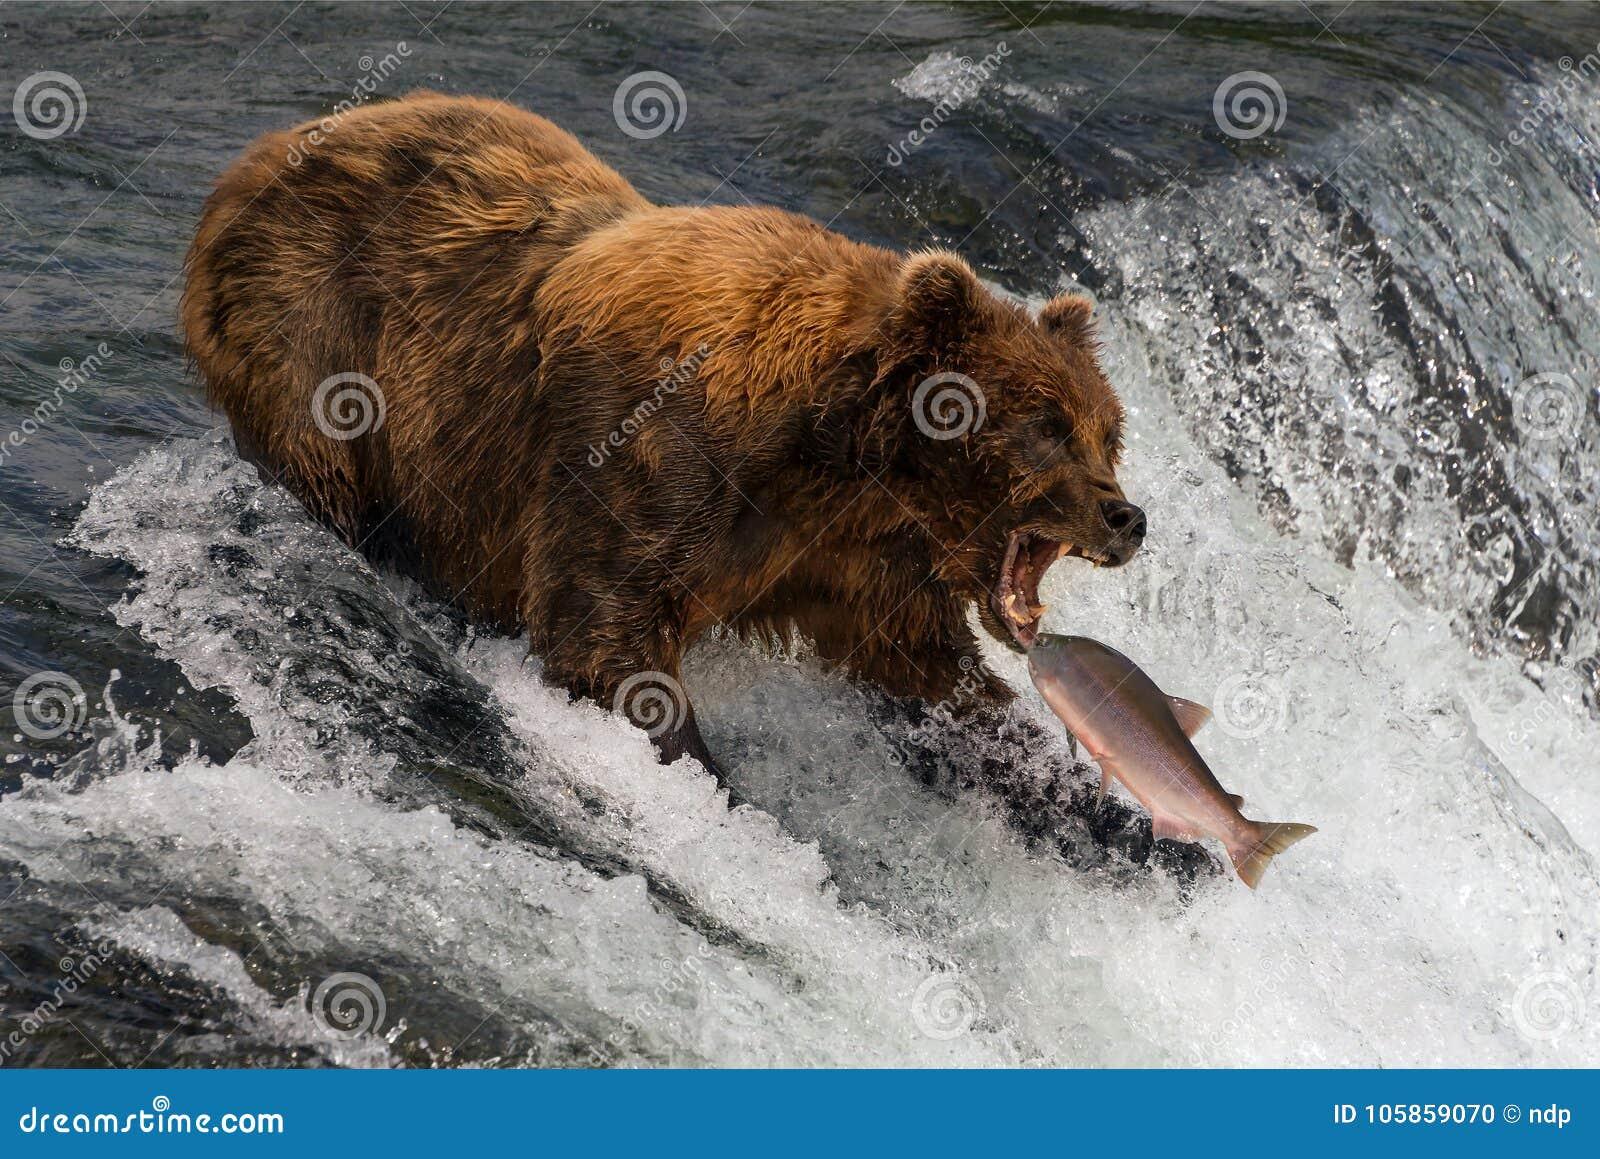 Ours environ pour attraper des saumons dans la bouche